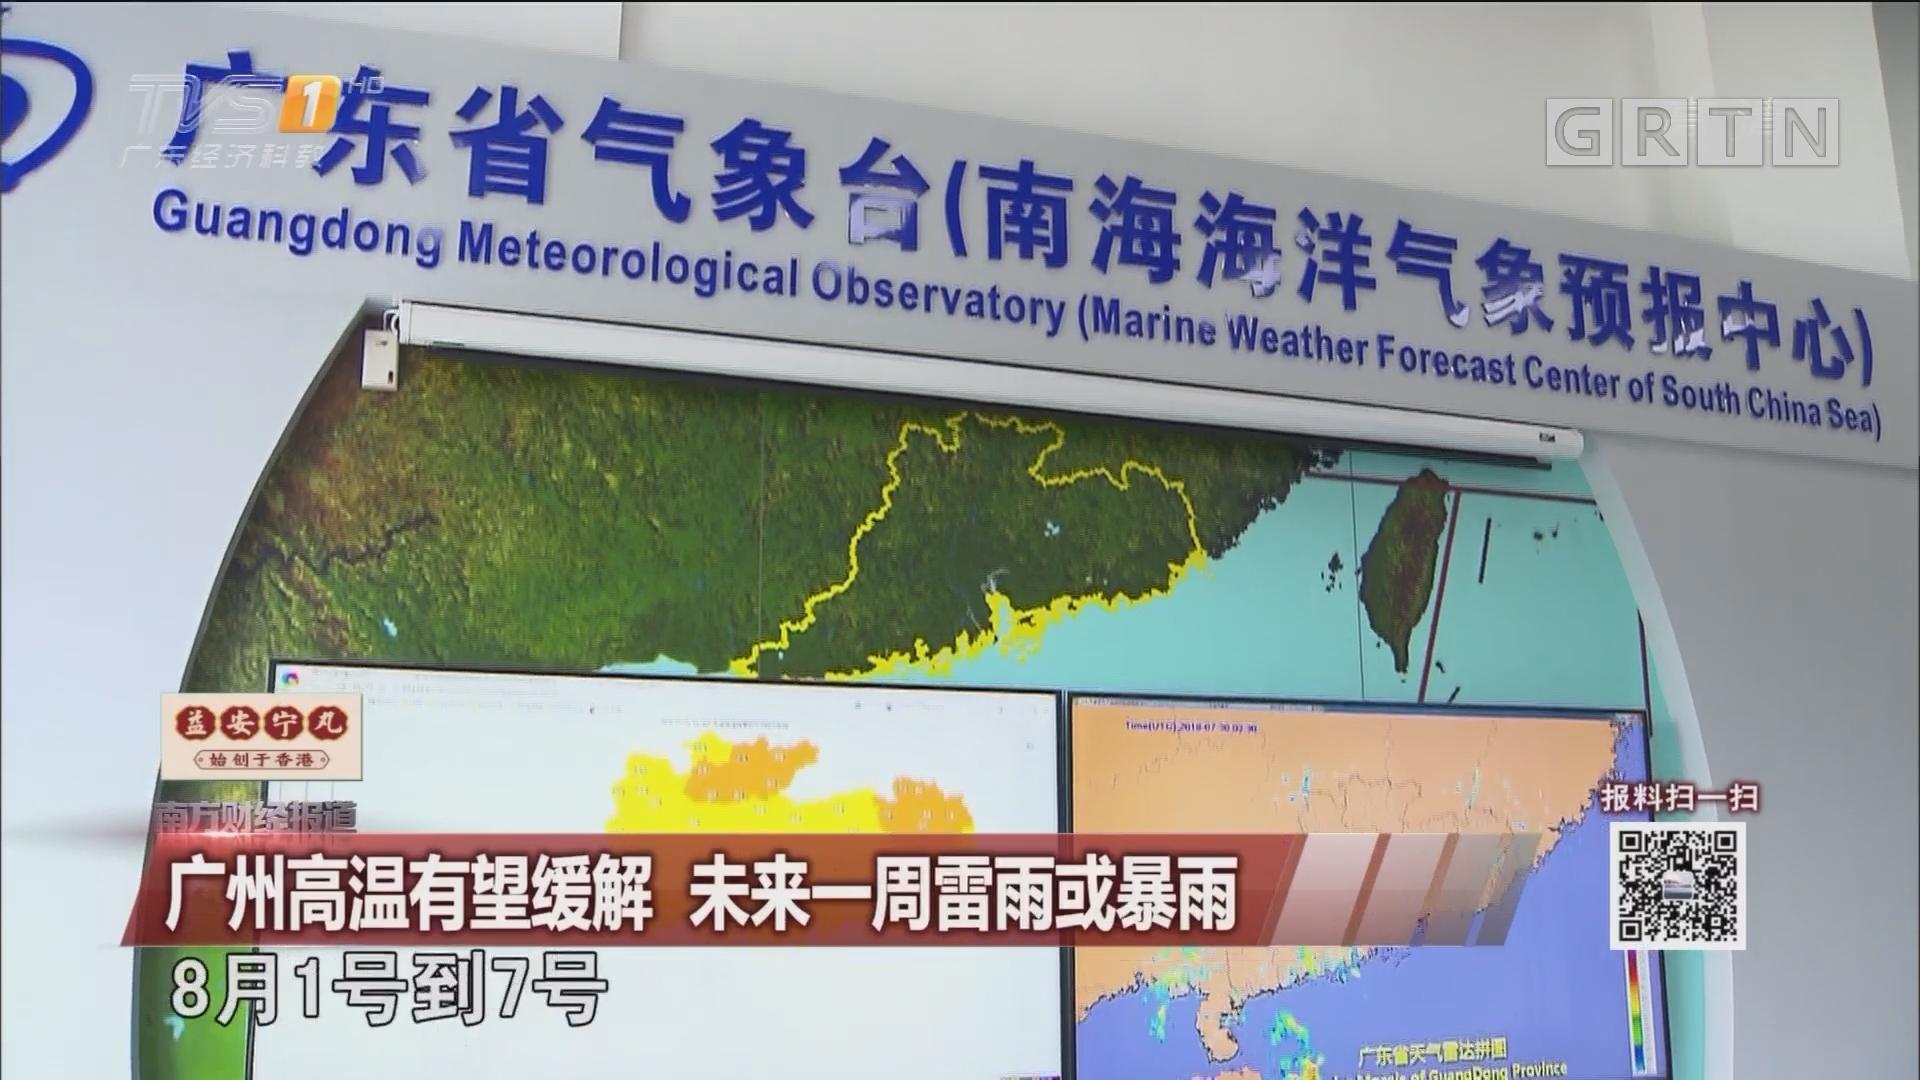 广州高温有望缓解 未来一周雷雨或暴雨